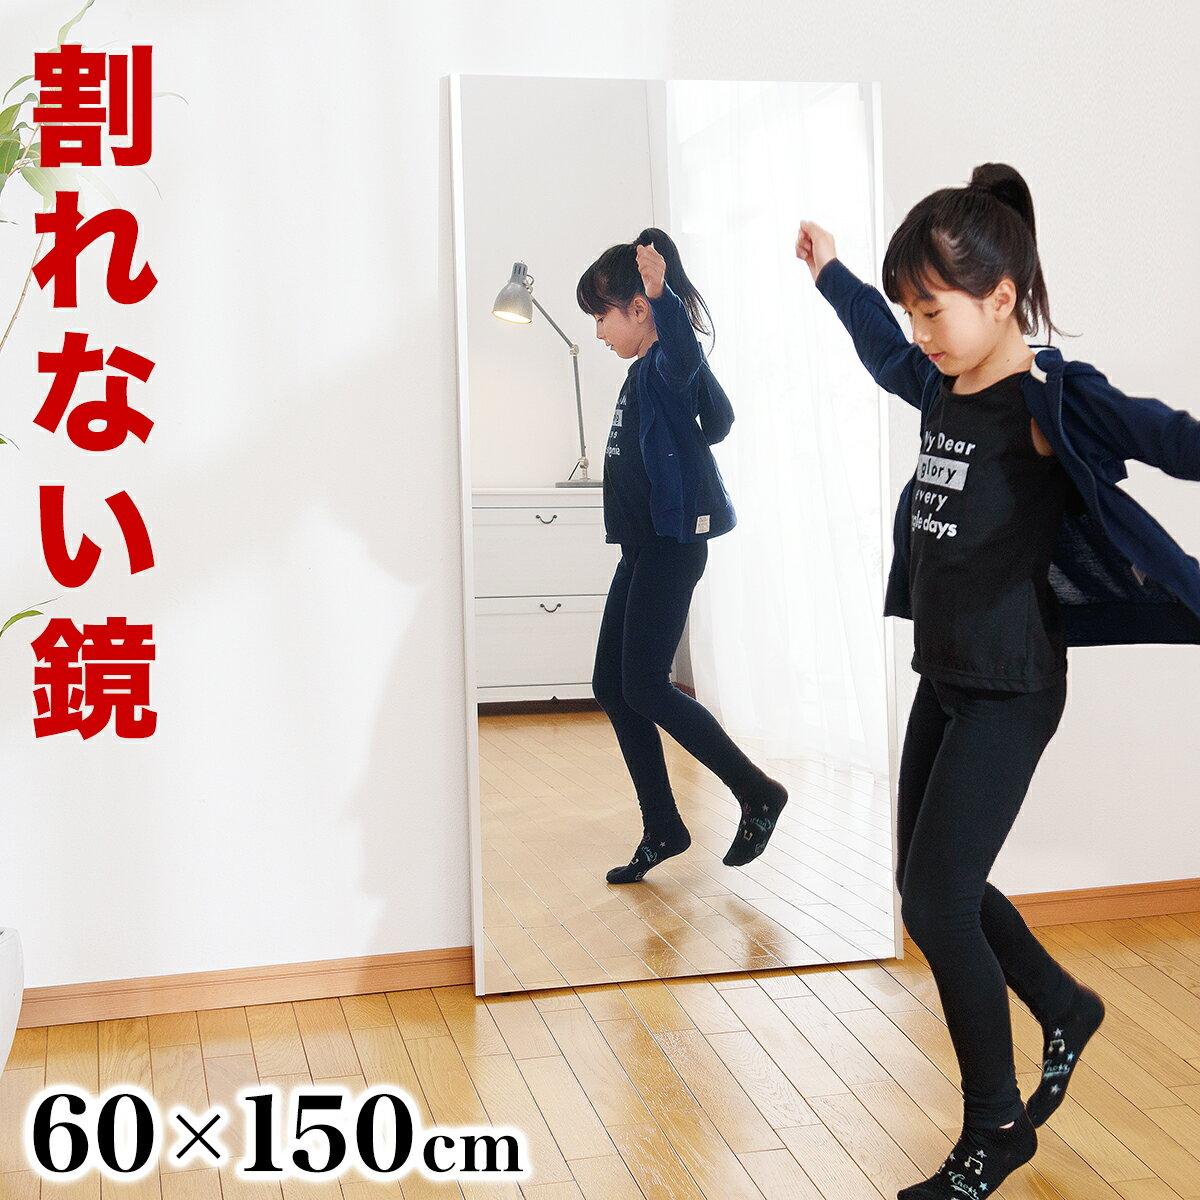 割れないミラー 幅60 高さ150cm リフェクスミラー refex 割れない鏡 日本製 鏡 壁掛け 全身 おしゃれ 姿見 ミラー 国産 フィルム 軽量 薄い 軽い 薄型 安全 ロング ワイド 大型 吊り式 幅60cm 60×150 みだしなみ 玄関 RM-5